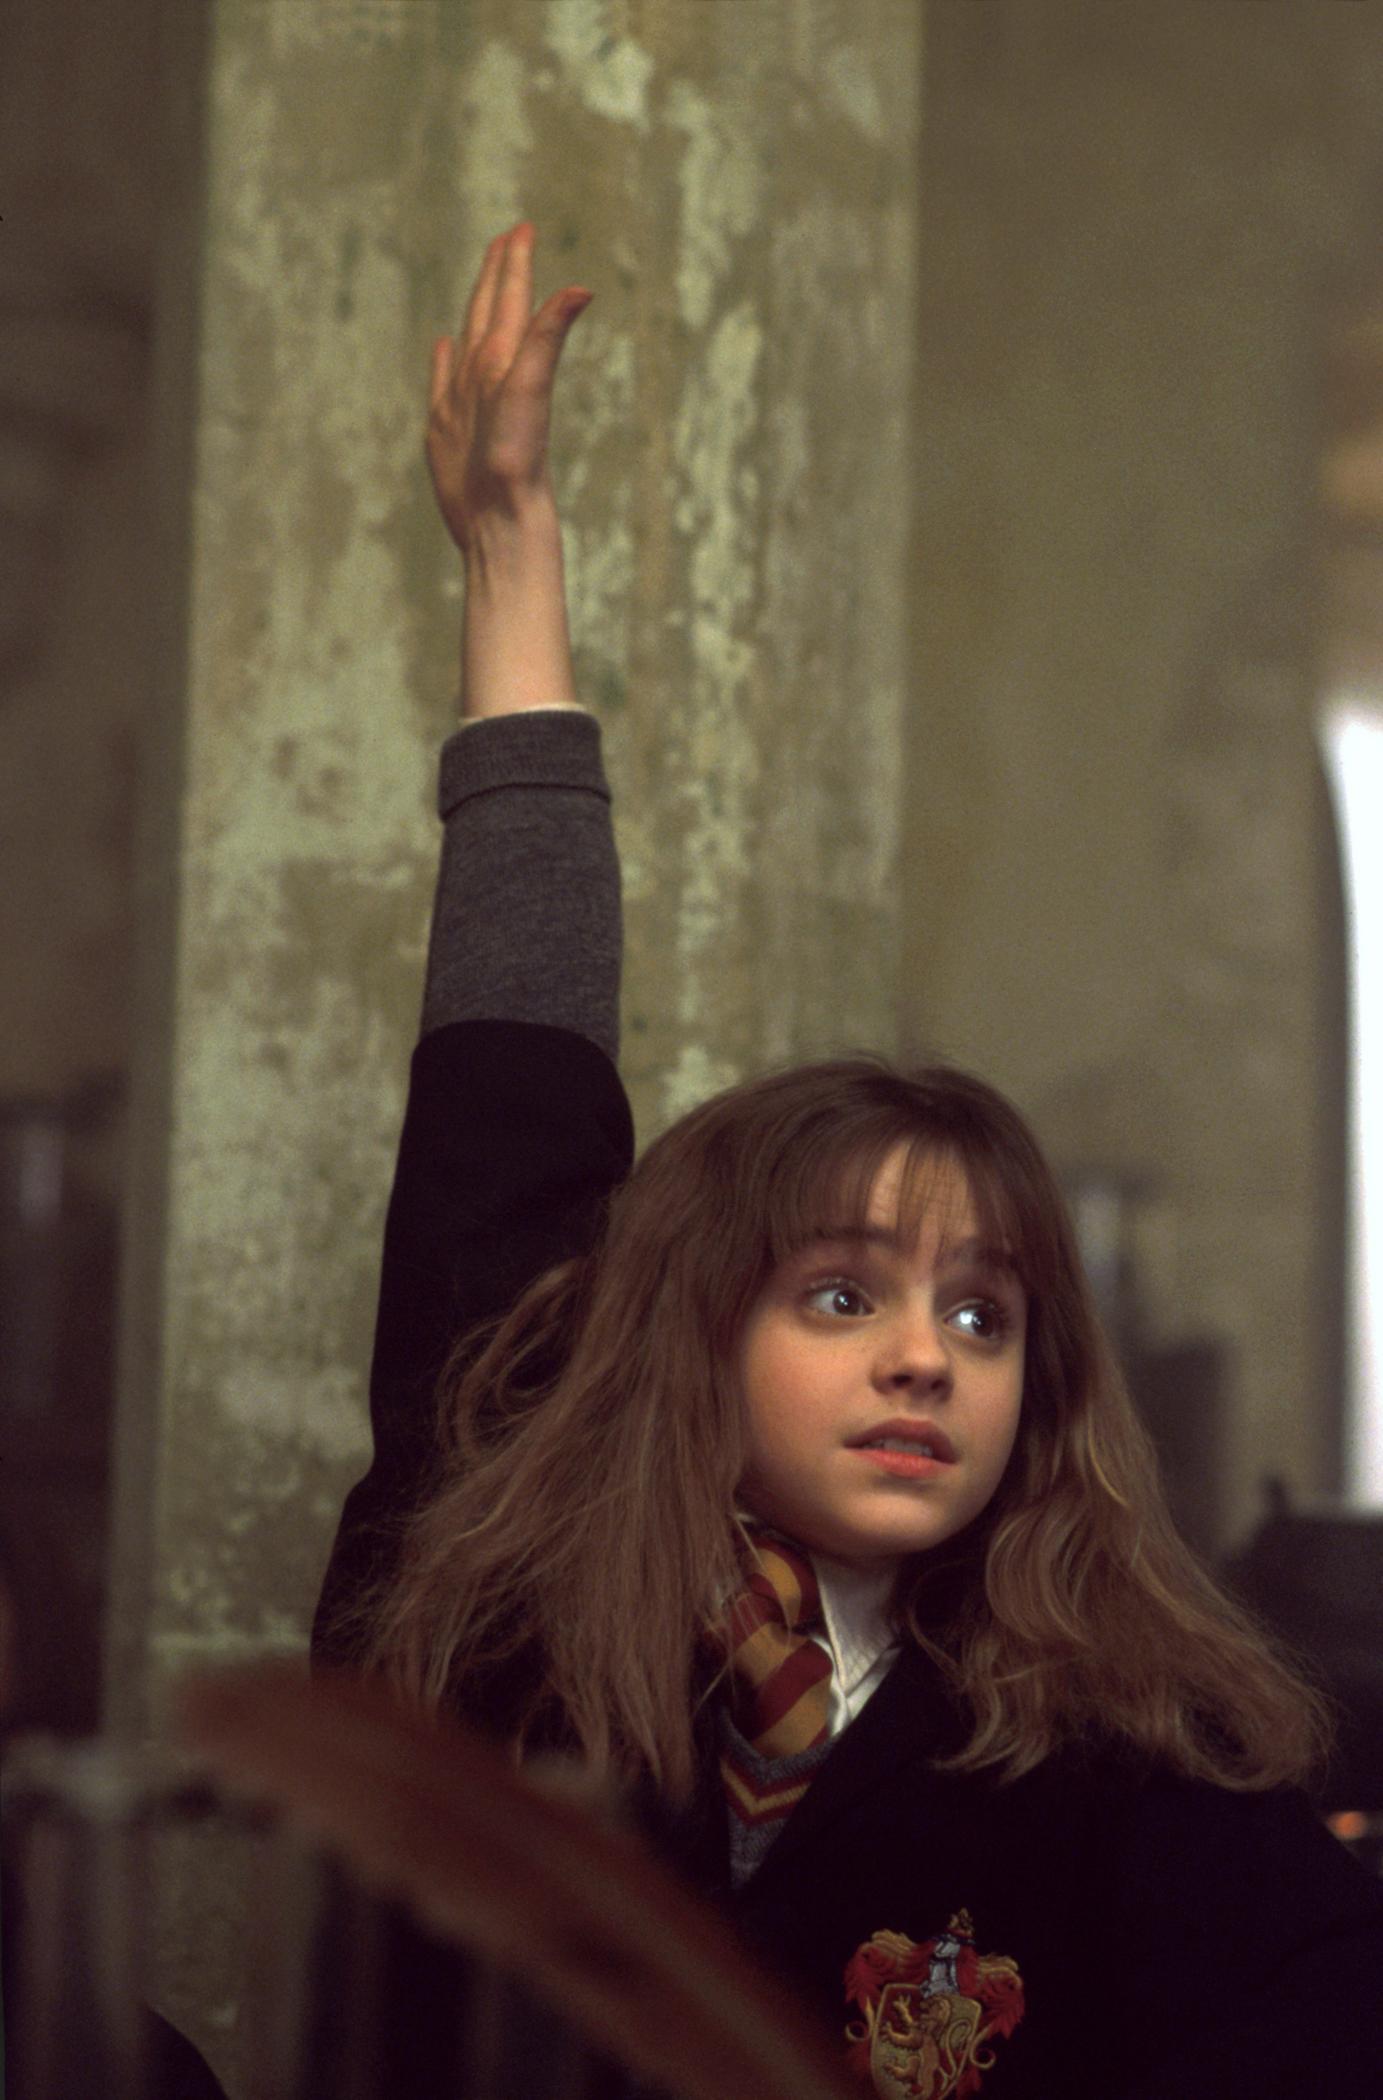 Hermione granger italian harry potter wiki wikia - Harry potter movies hermione granger ...